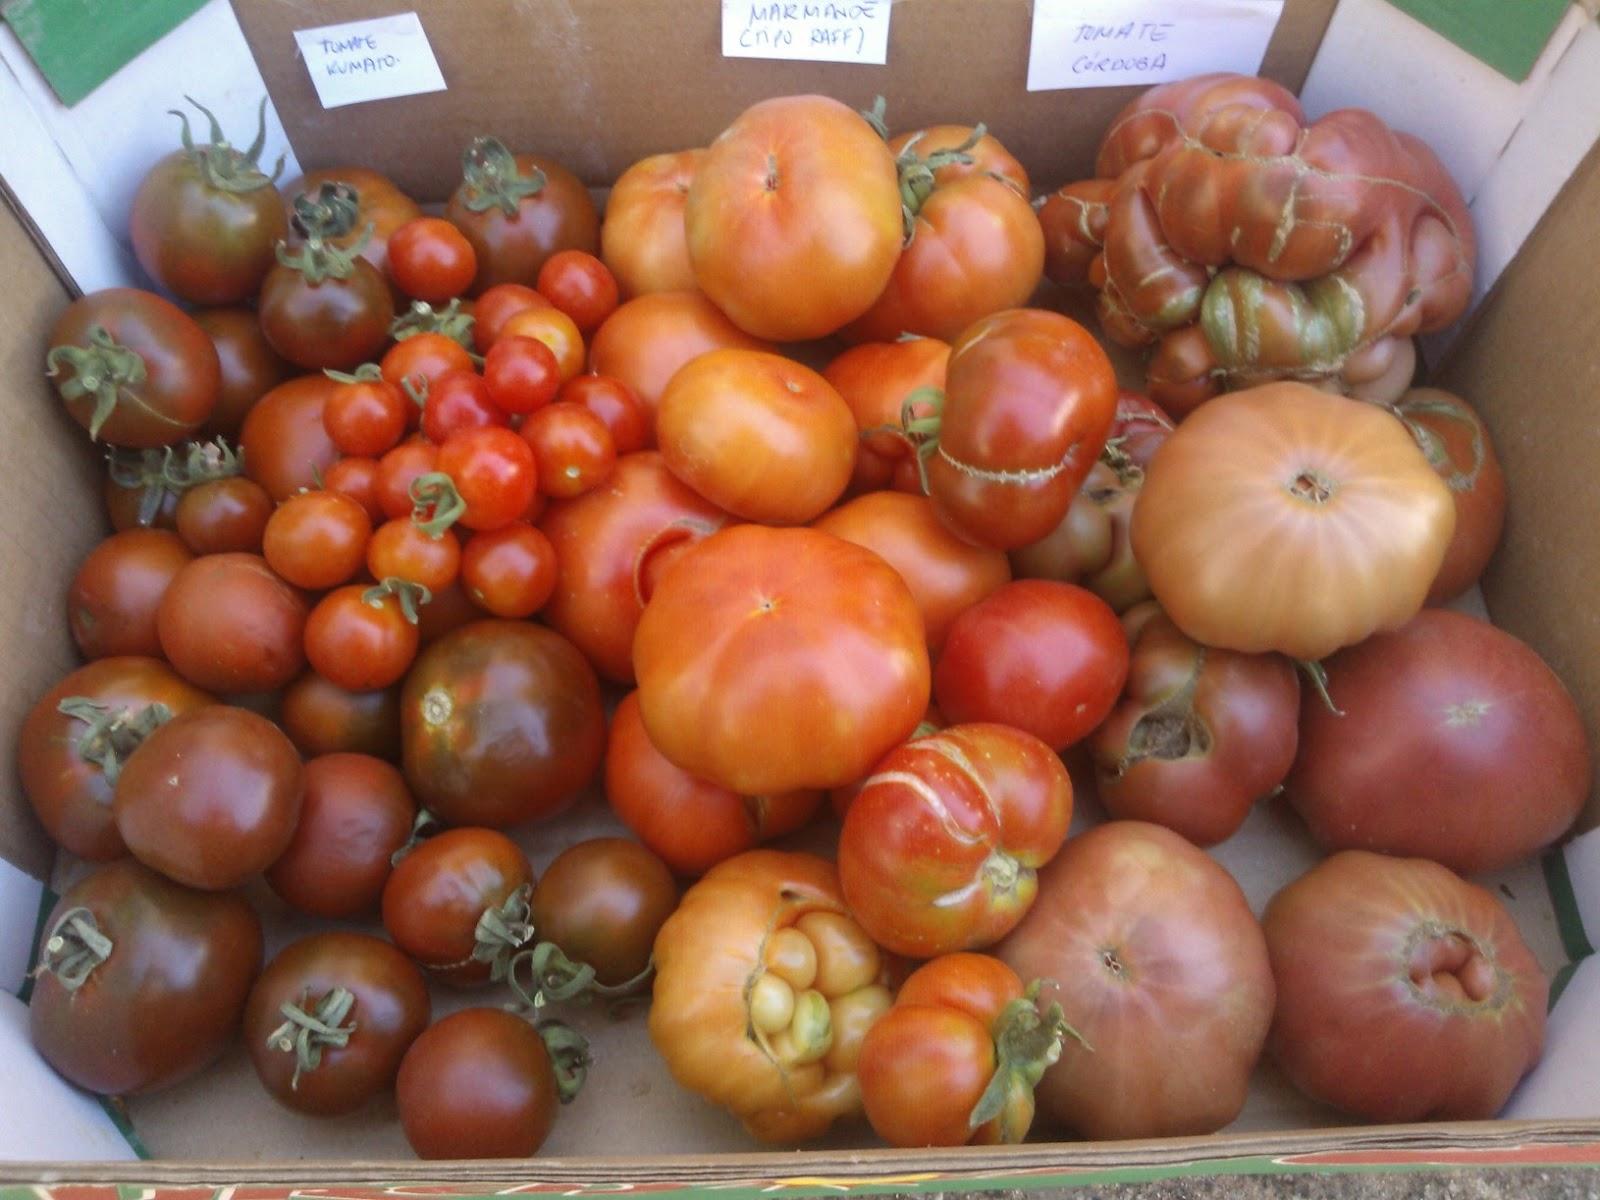 Variedades de tomates cultivadas en La Regadera Verde